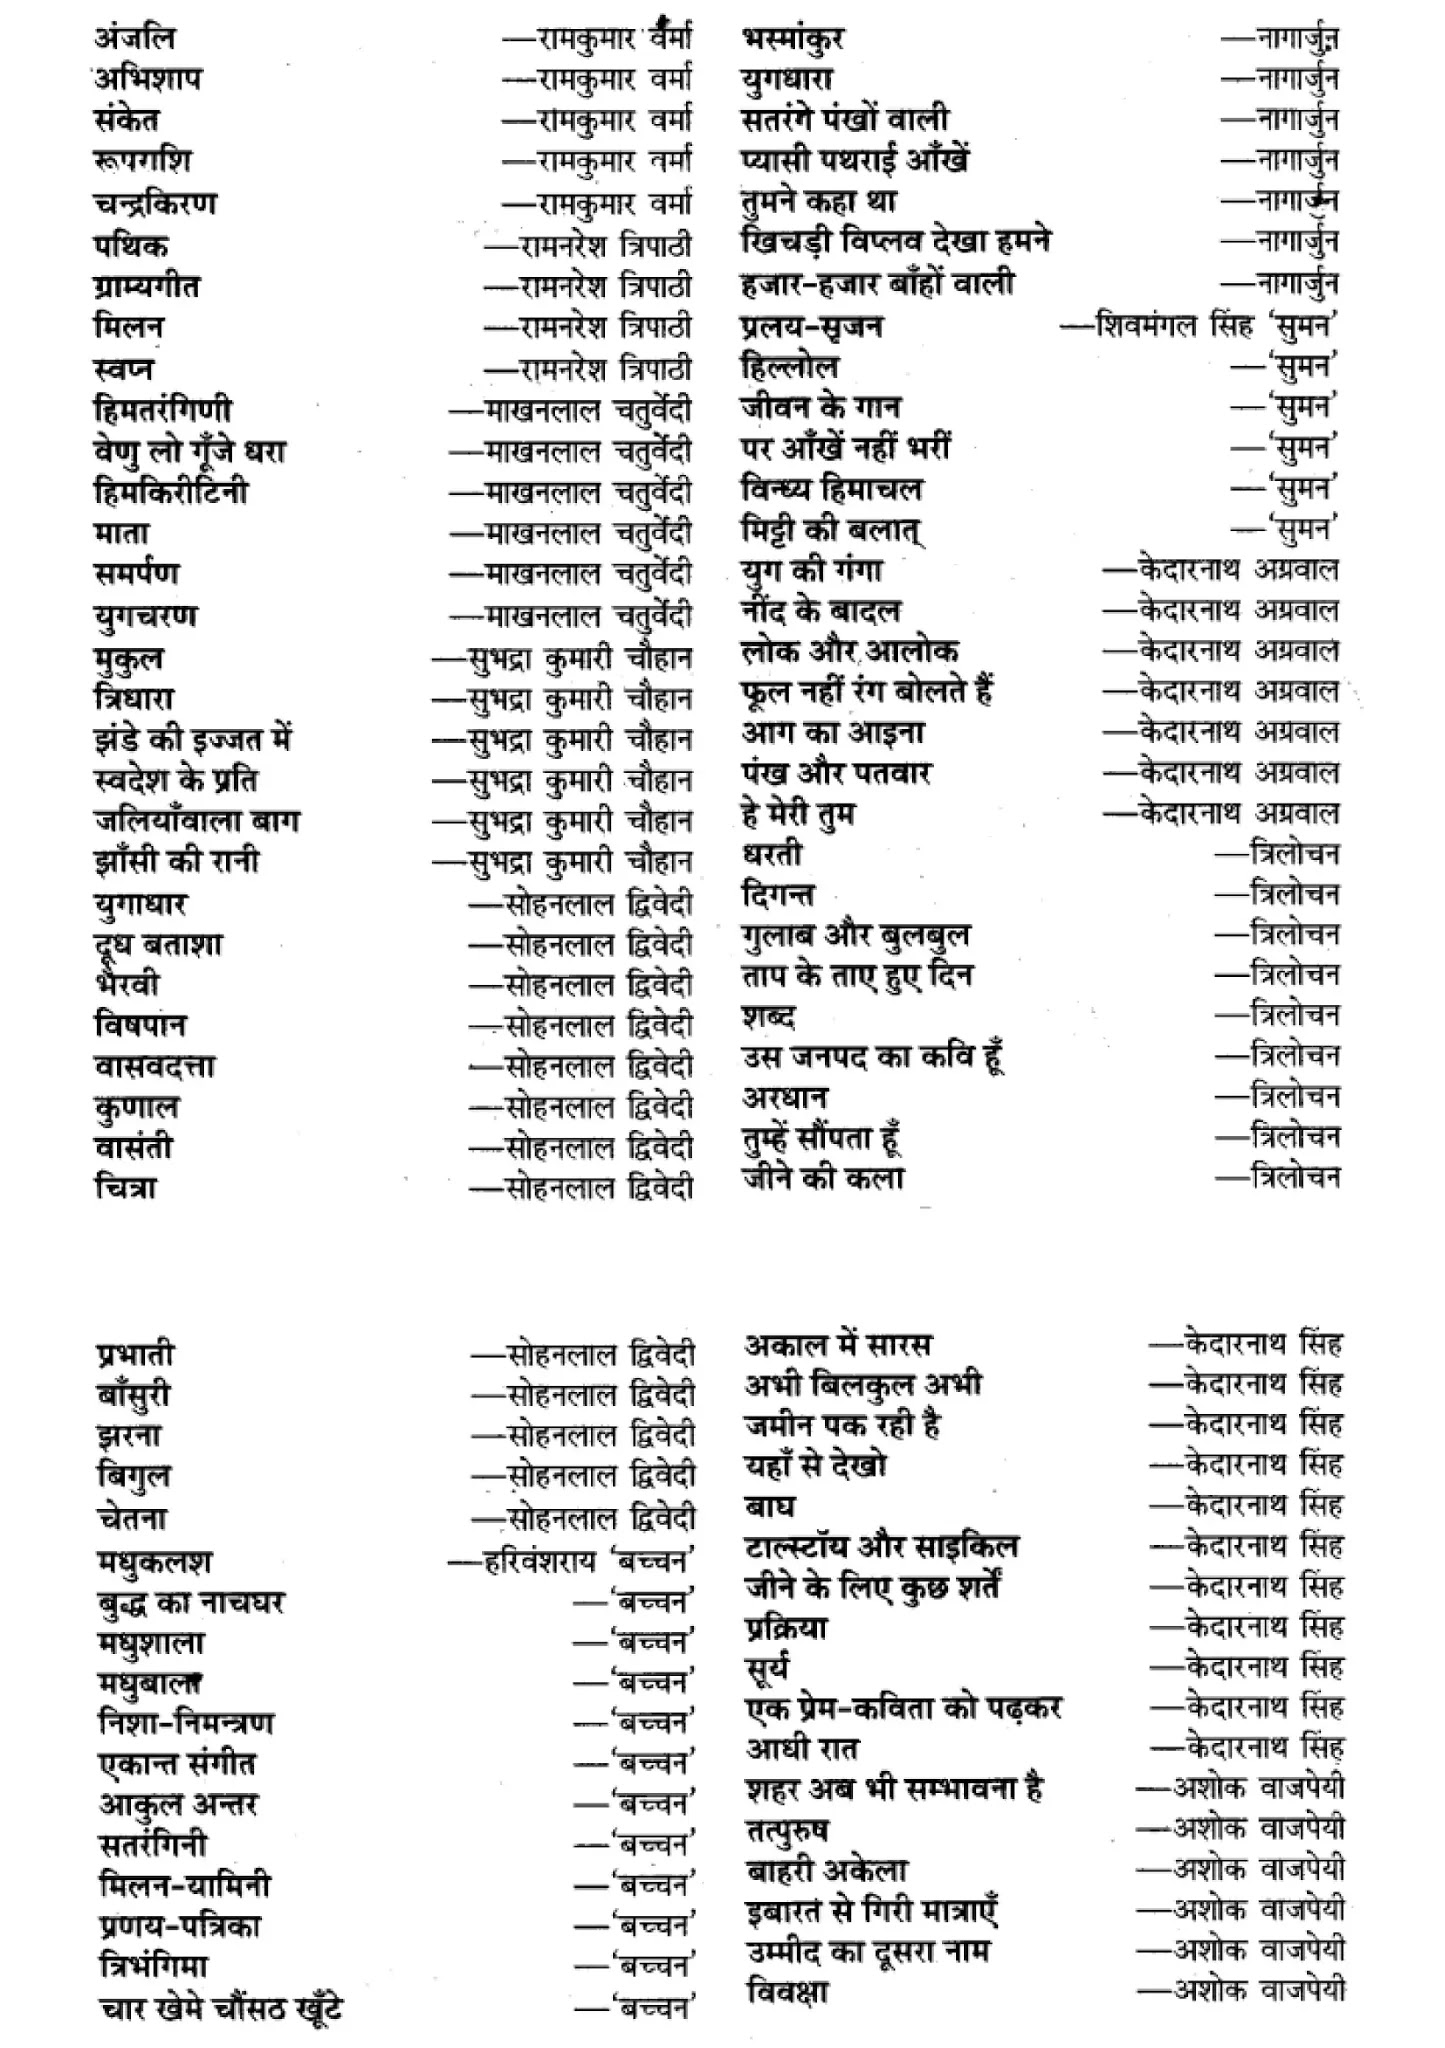 """यूपी बोर्ड एनसीईआरटी समाधान """"कक्षा 11 सामान्य  हिंदी"""" काव्य-साहित्य विकास प्रमुख काव्यकृतियाँ और उनके रचनाकार  हिंदी में"""